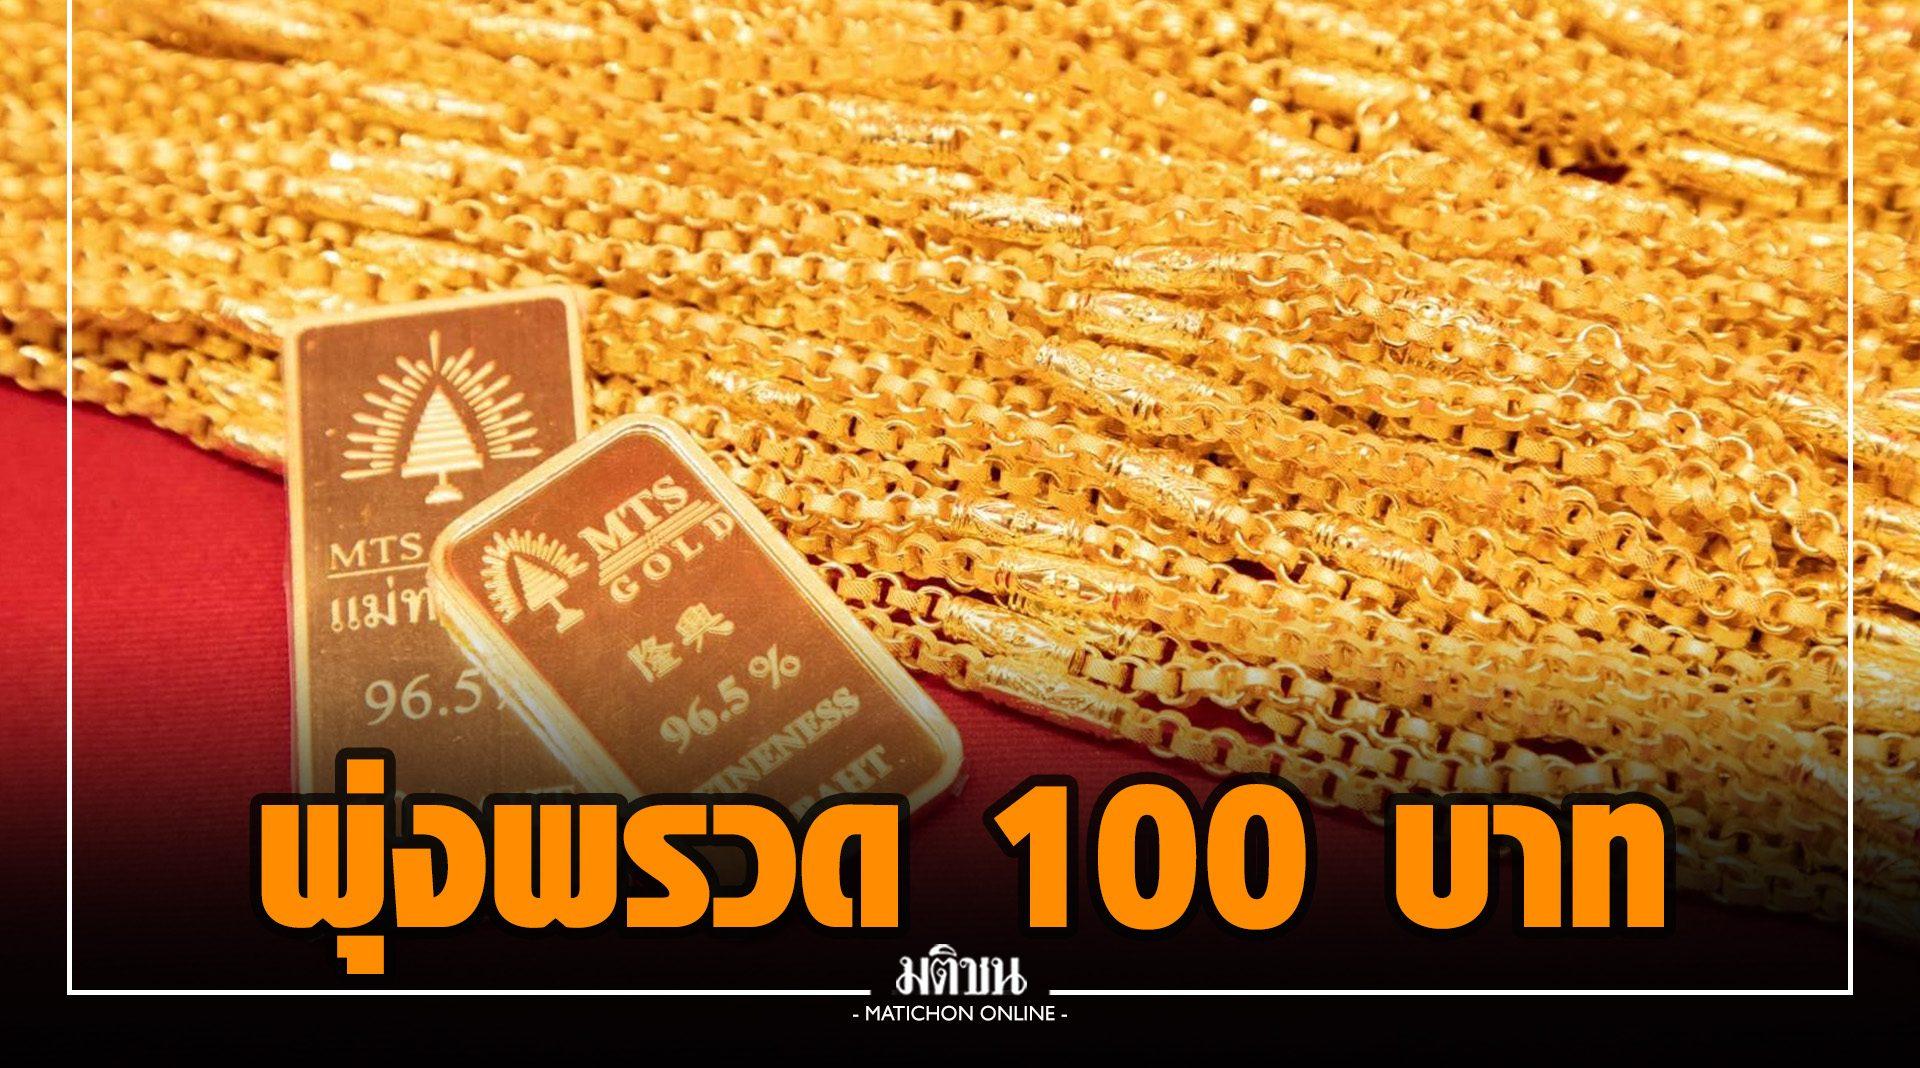 ราคาทองคำ เปิดตลาดเช้านี้ พุ่งพรวด 100 บาท รูปพรรณขายออกบาทละ 26,850